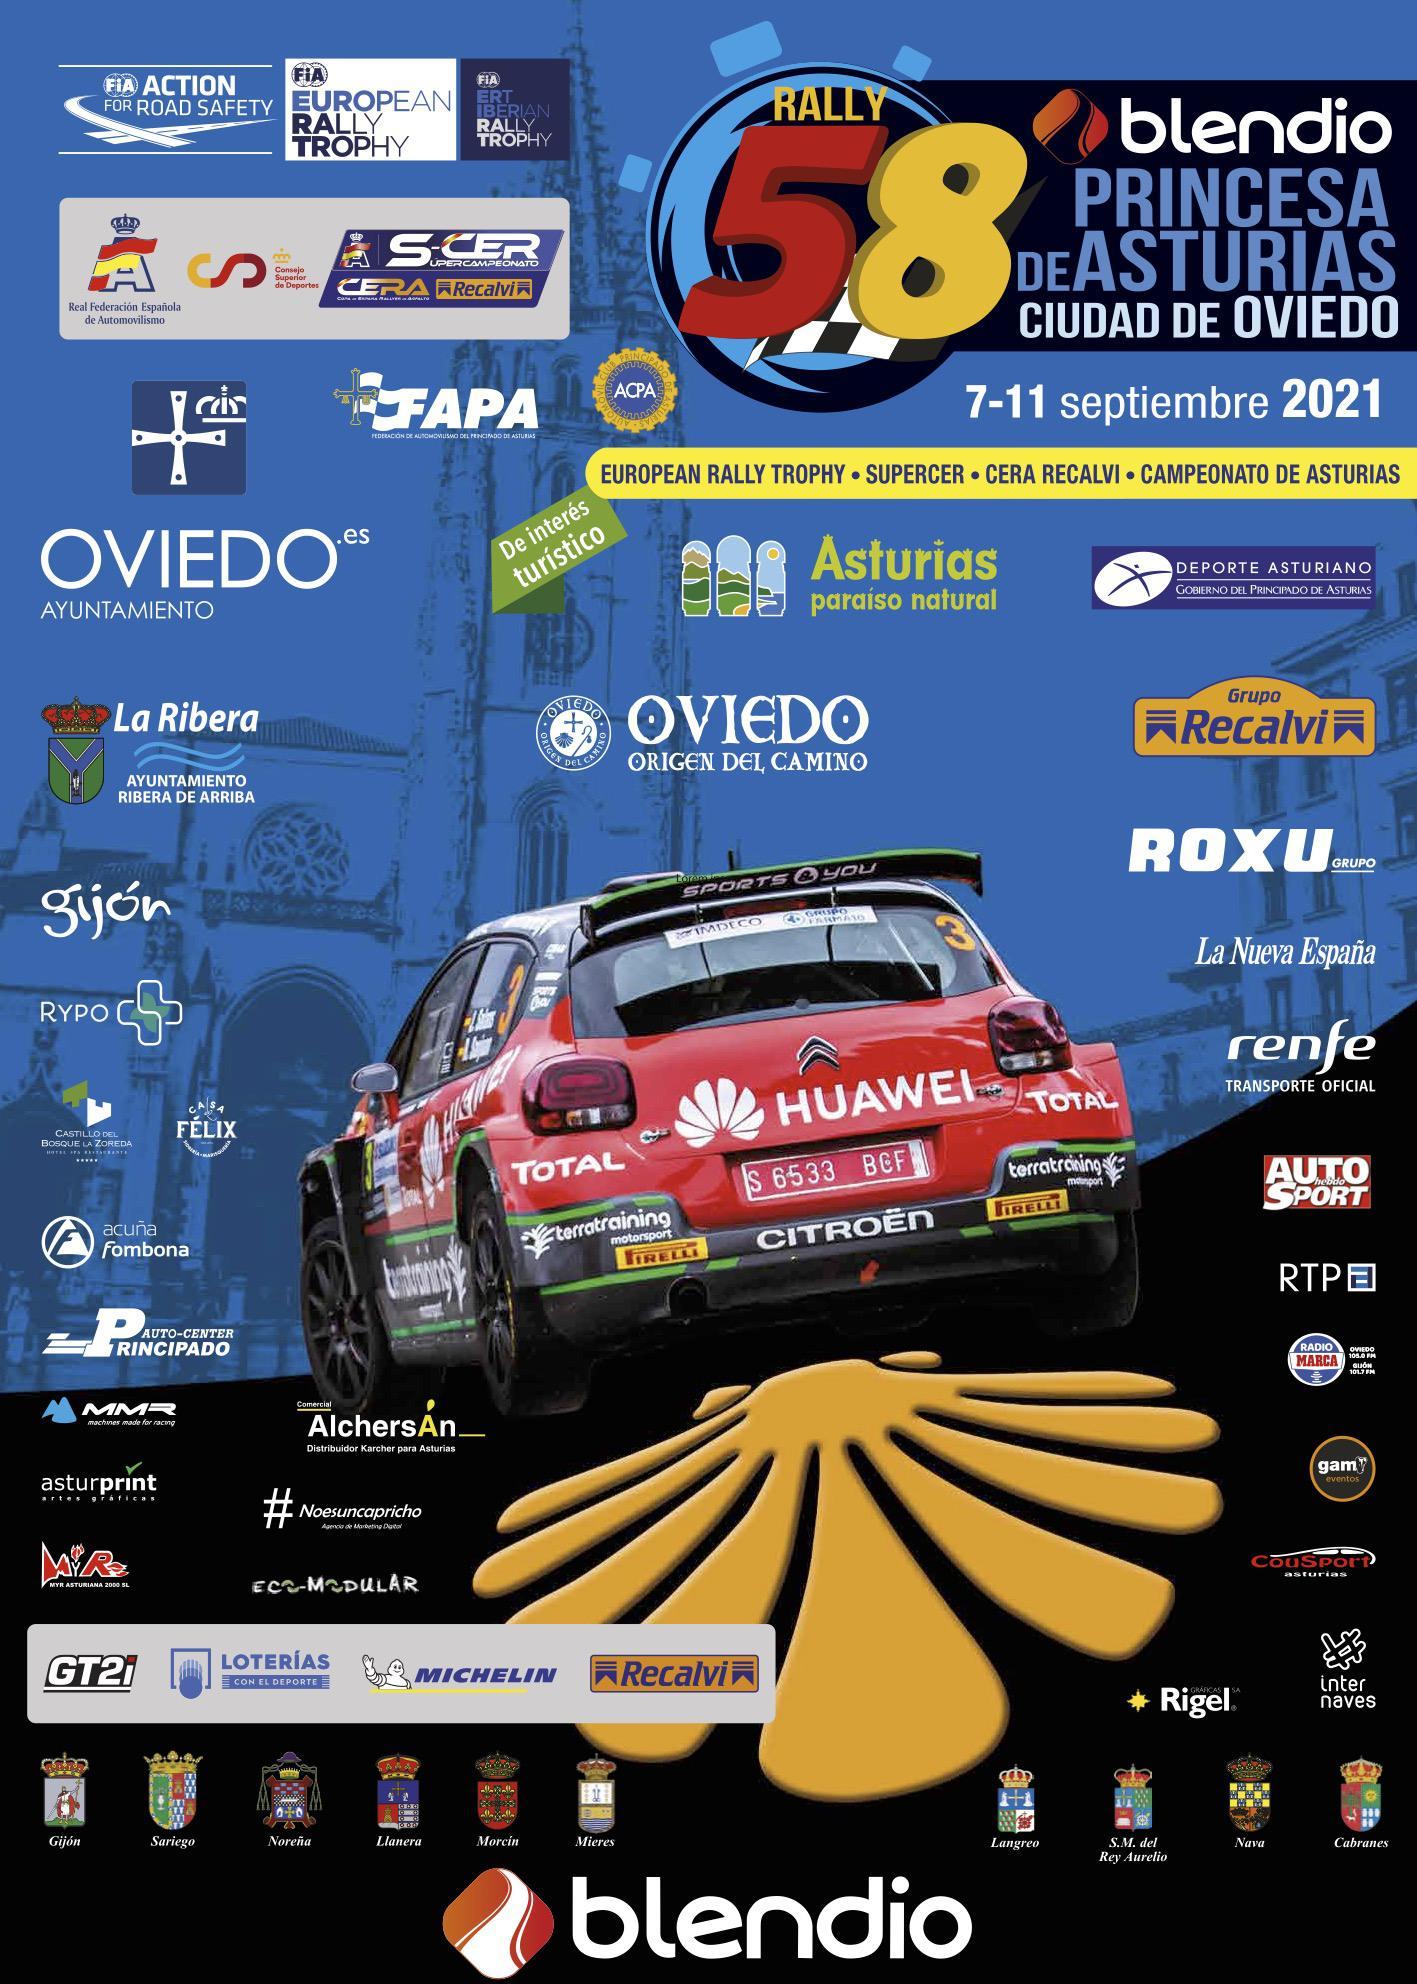 SCER + CERA: 58º Rallye Blendio - Princesa de Asturias Ciudad de Oviedo [10-11 Septiembre] 58453083-43165484